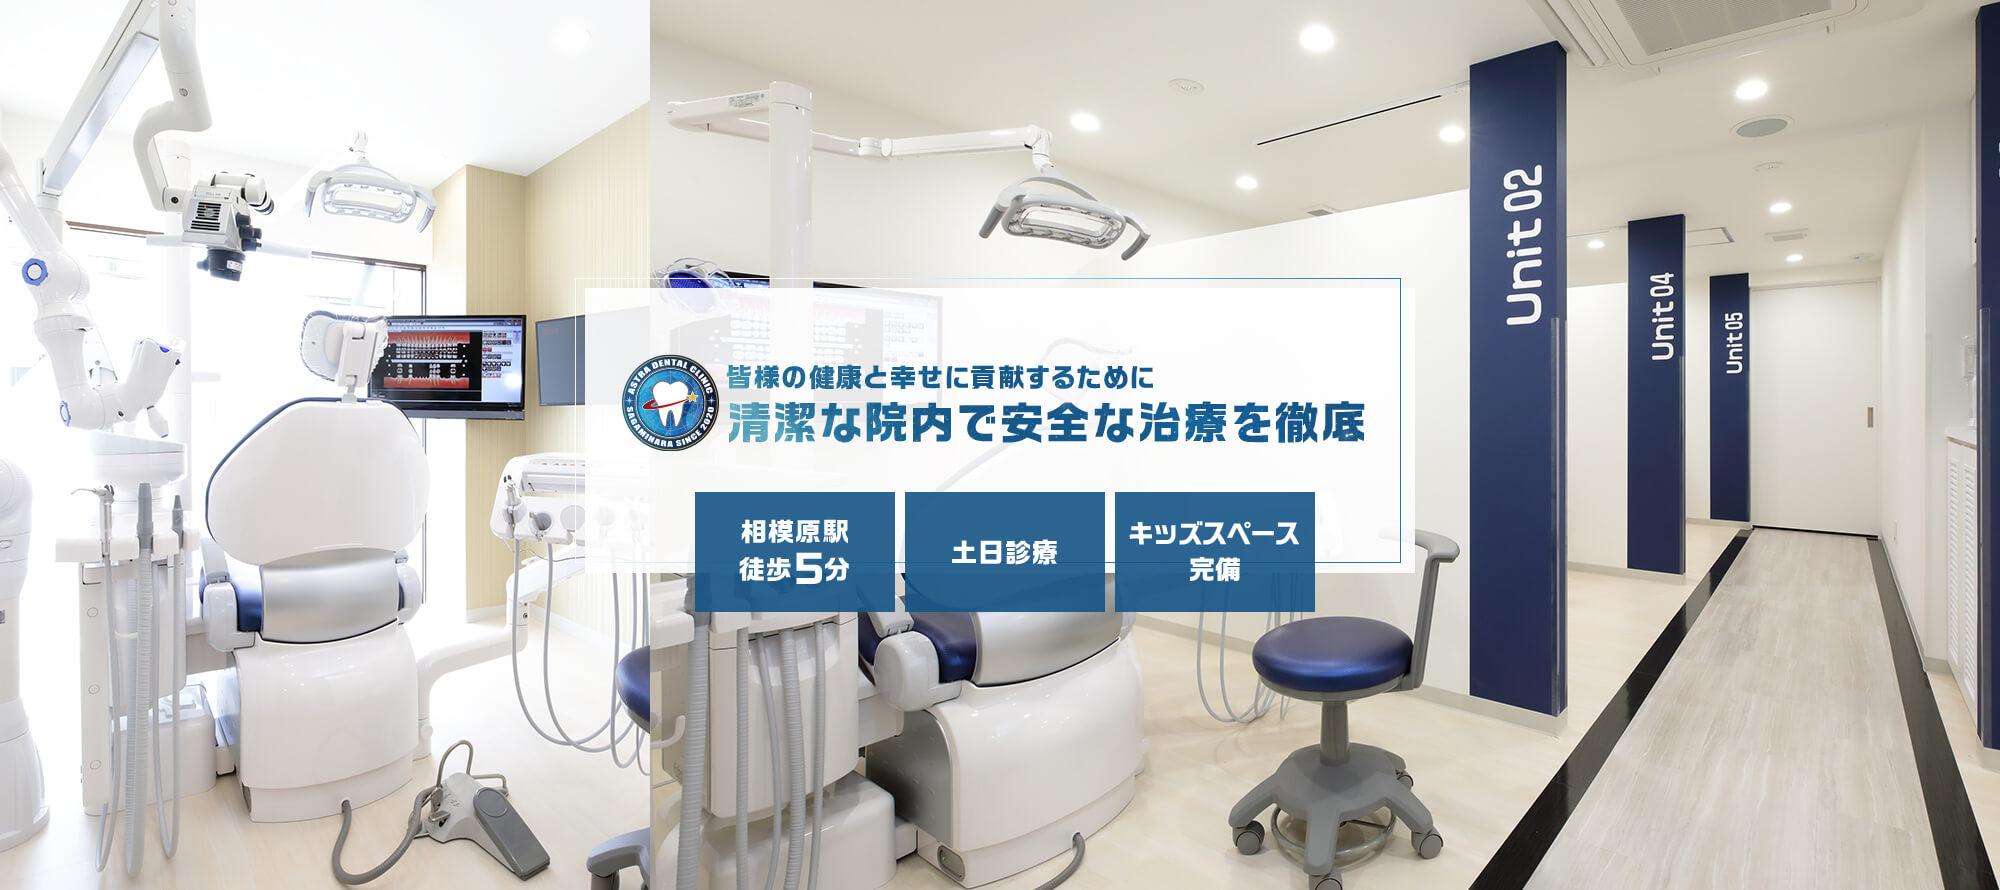 口腔を通じて皆様の健康と幸せに貢献するために清潔な院内で清潔な治療で安心・安全な医療を行います